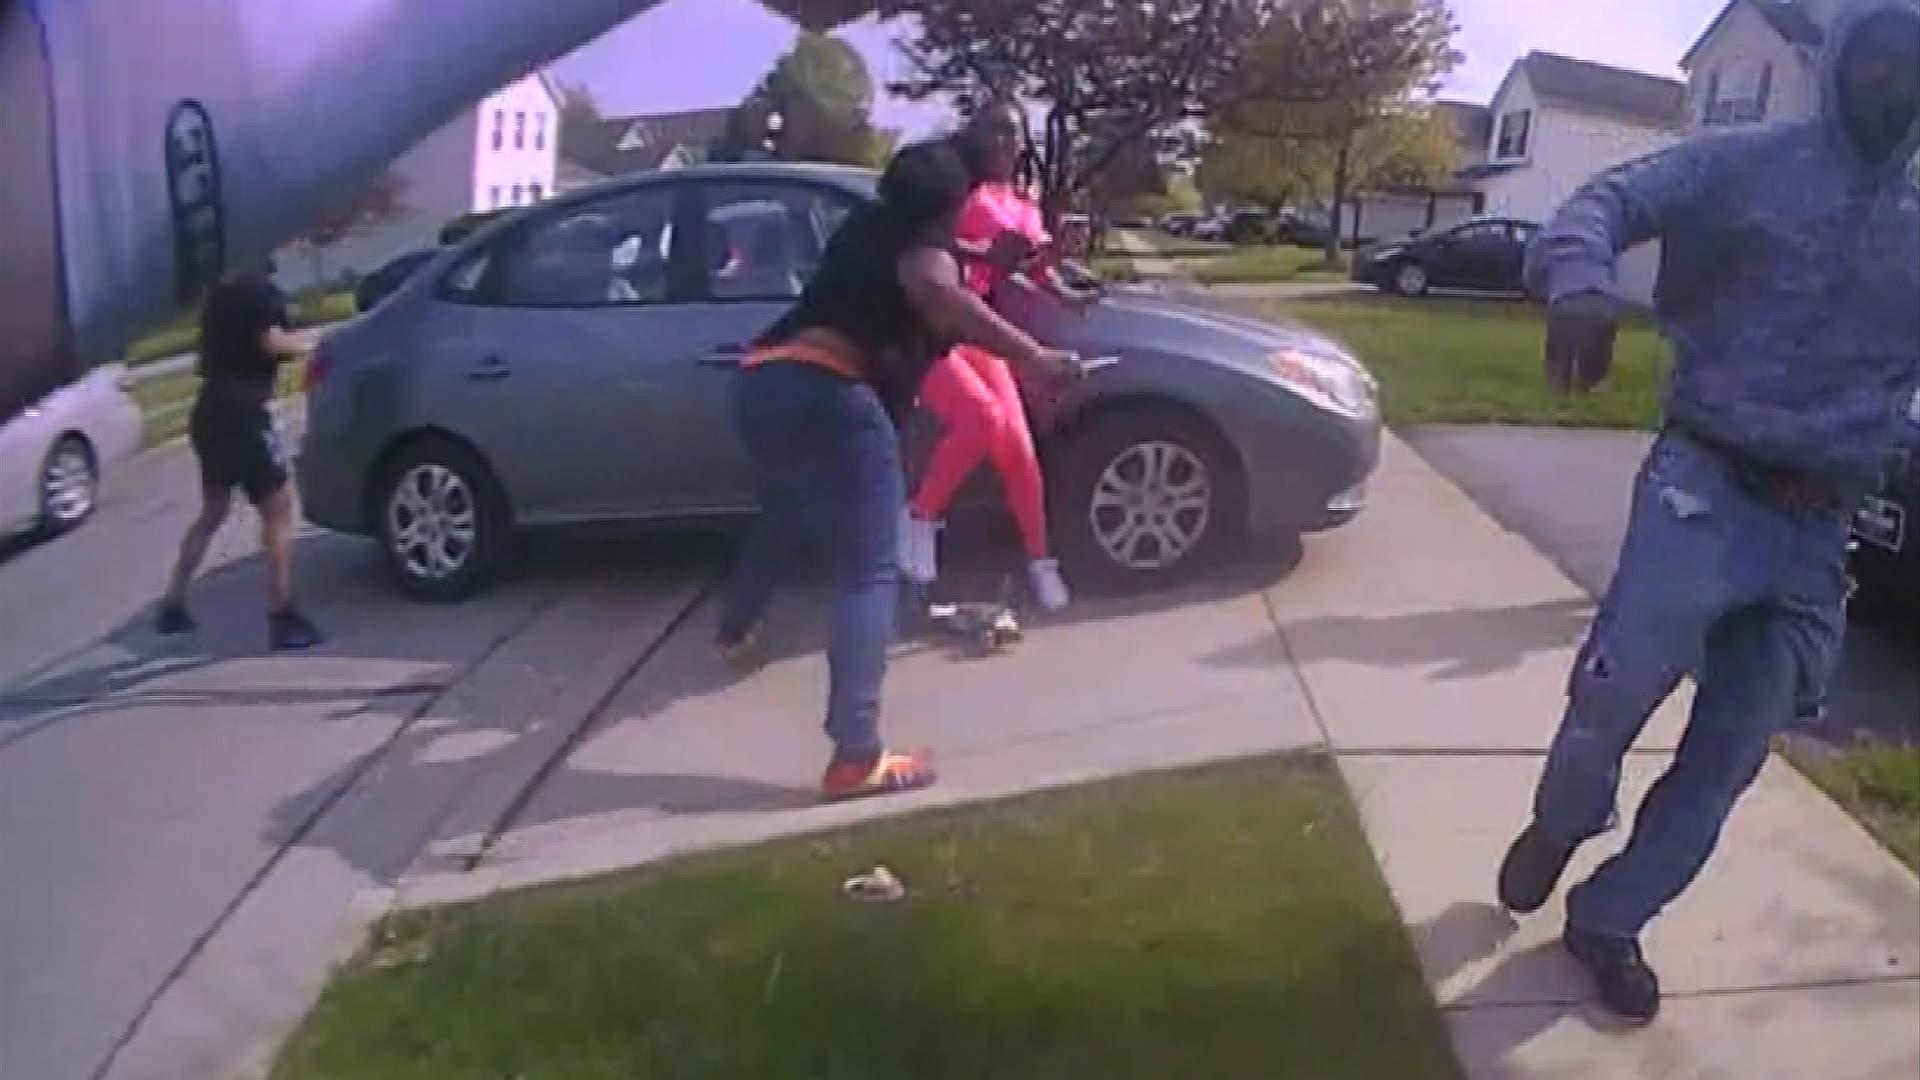 NBC刪除黑人少女持刀攻擊的畫面